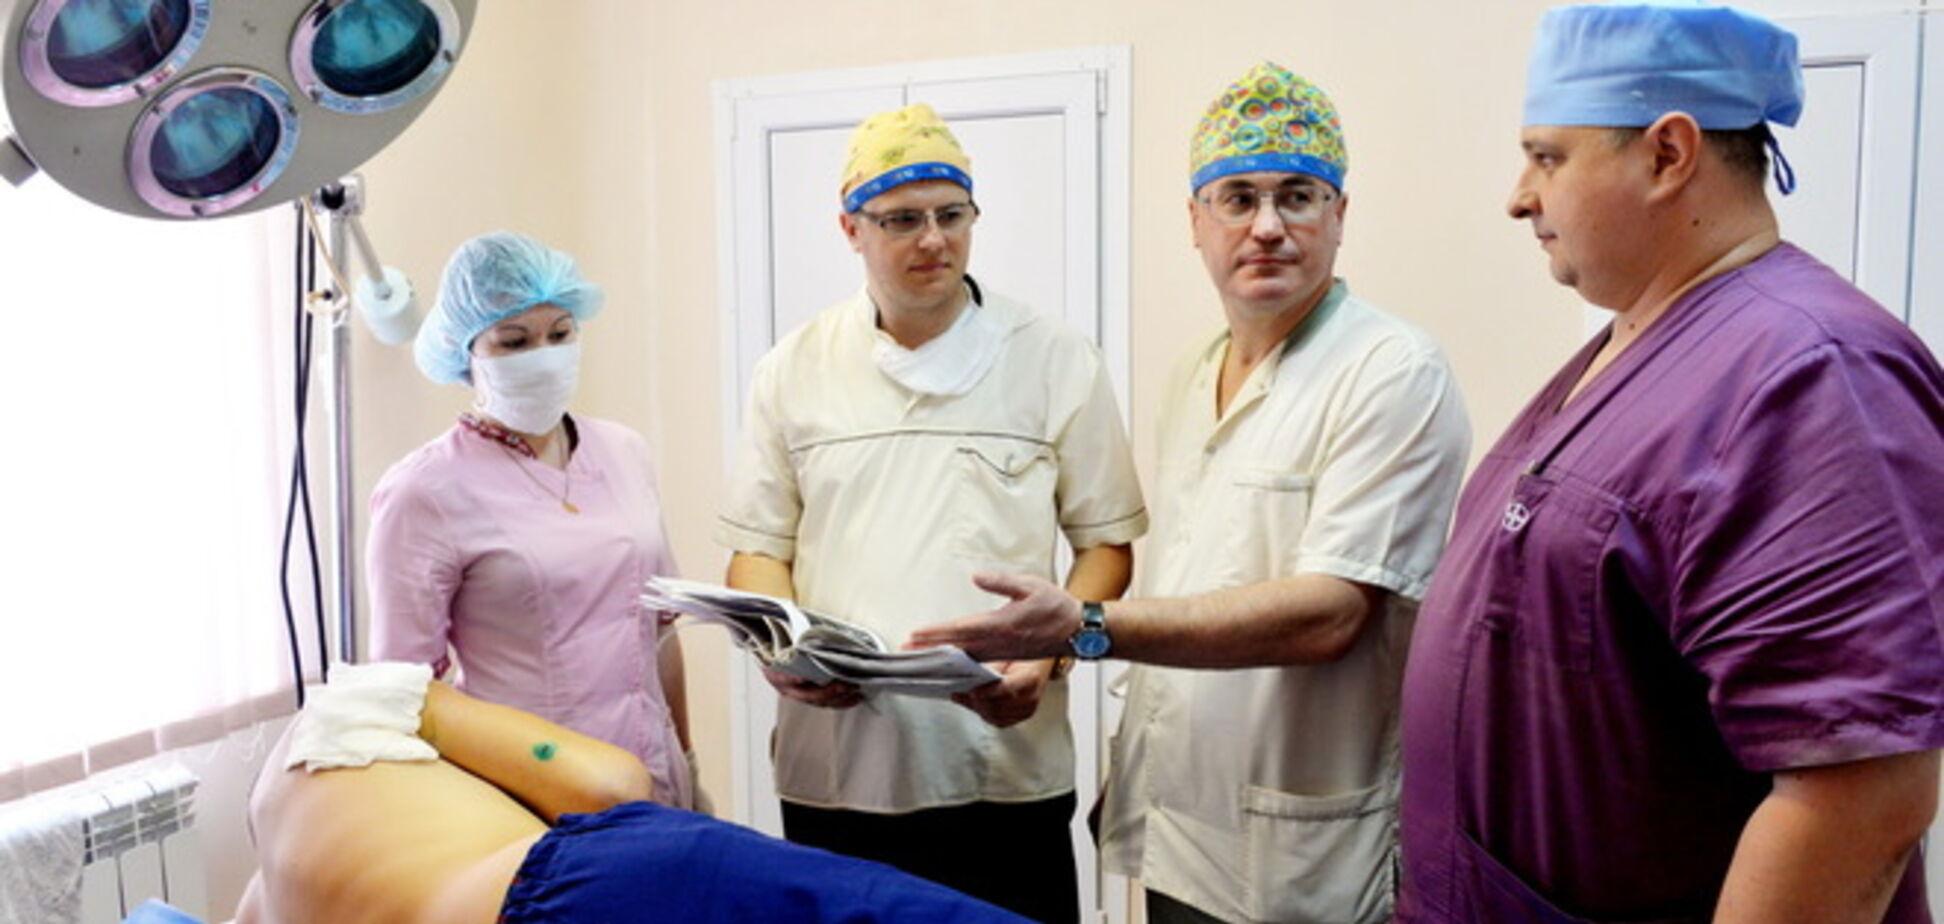 Бригада французских врачей приехала на помощь бойцам АТО